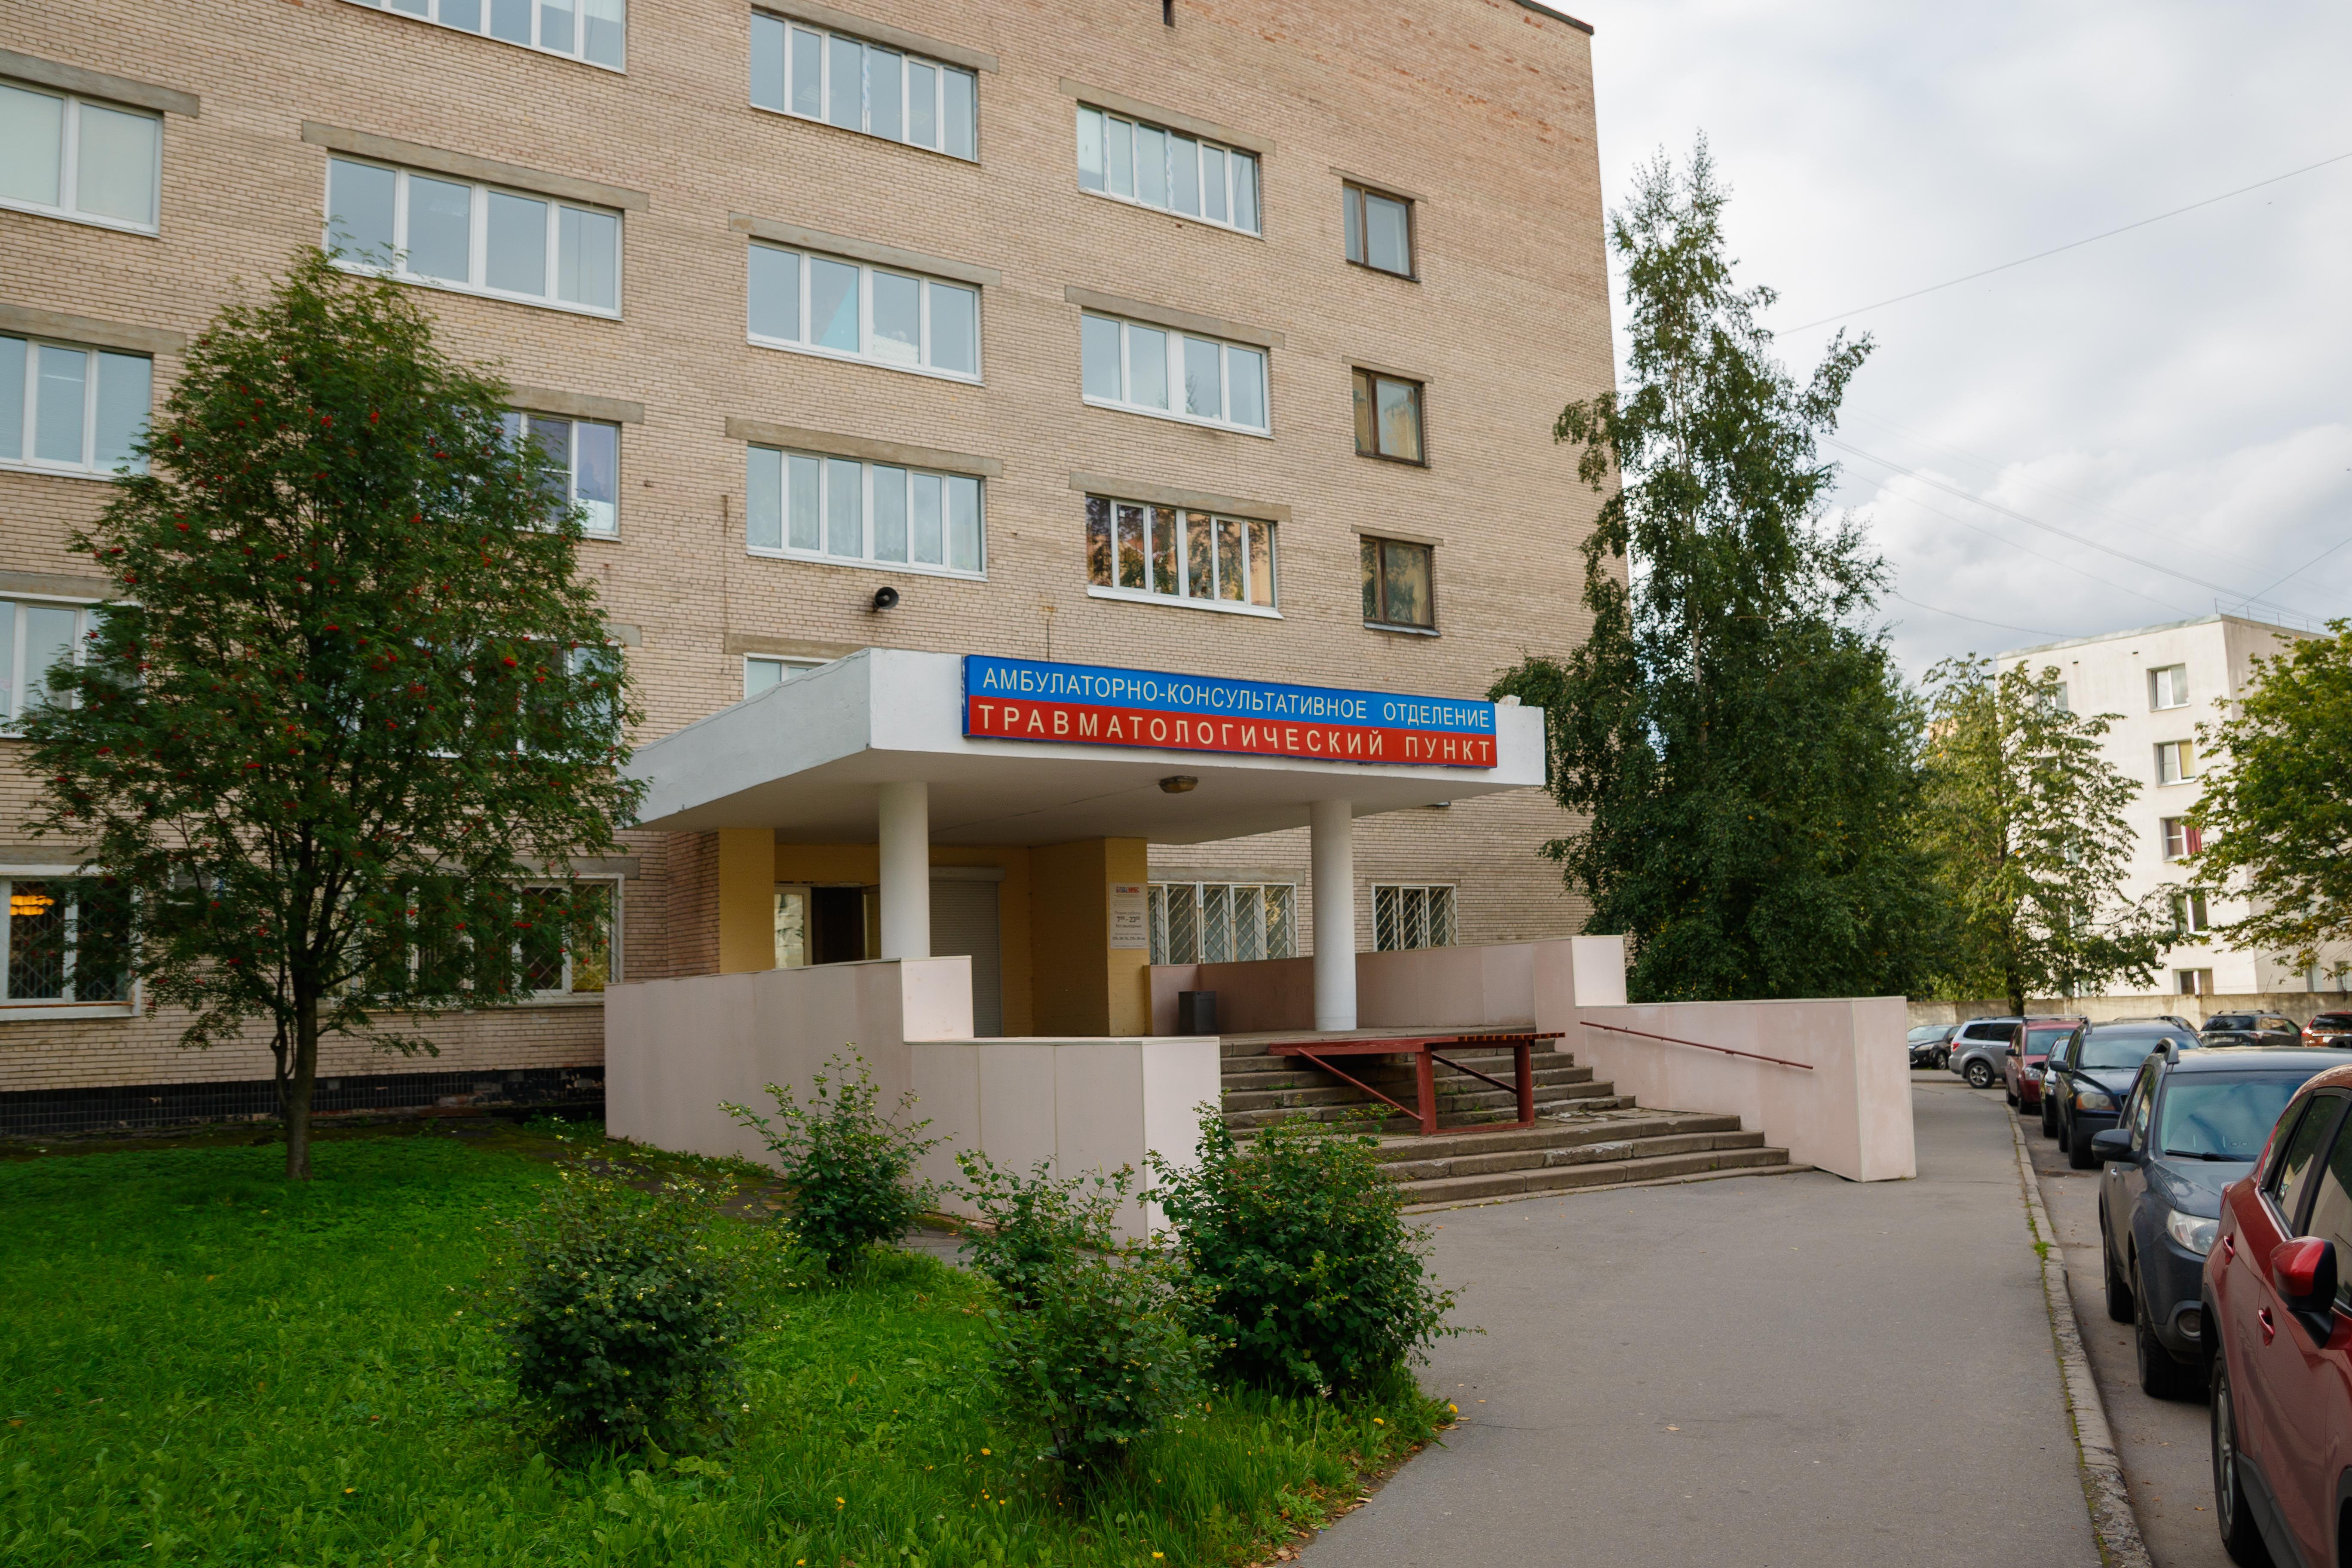 Городская больница 26 Костюшко: официальный сайт, телефон справочной, адрес СПб